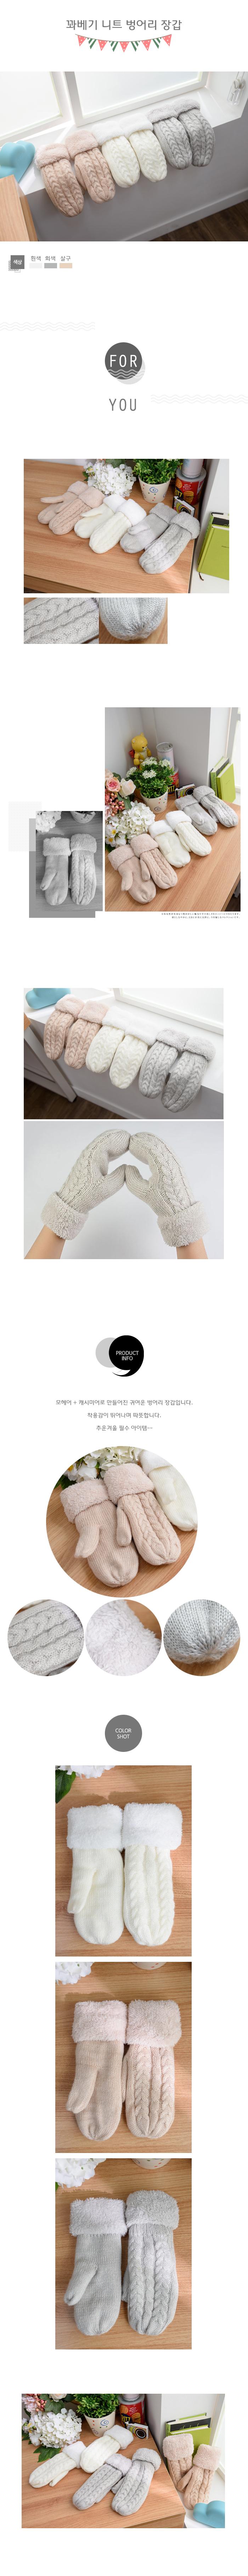 꽈베기니트 벙어리 장갑 - 연호디자인, 12,000원, 장갑, 니트장갑